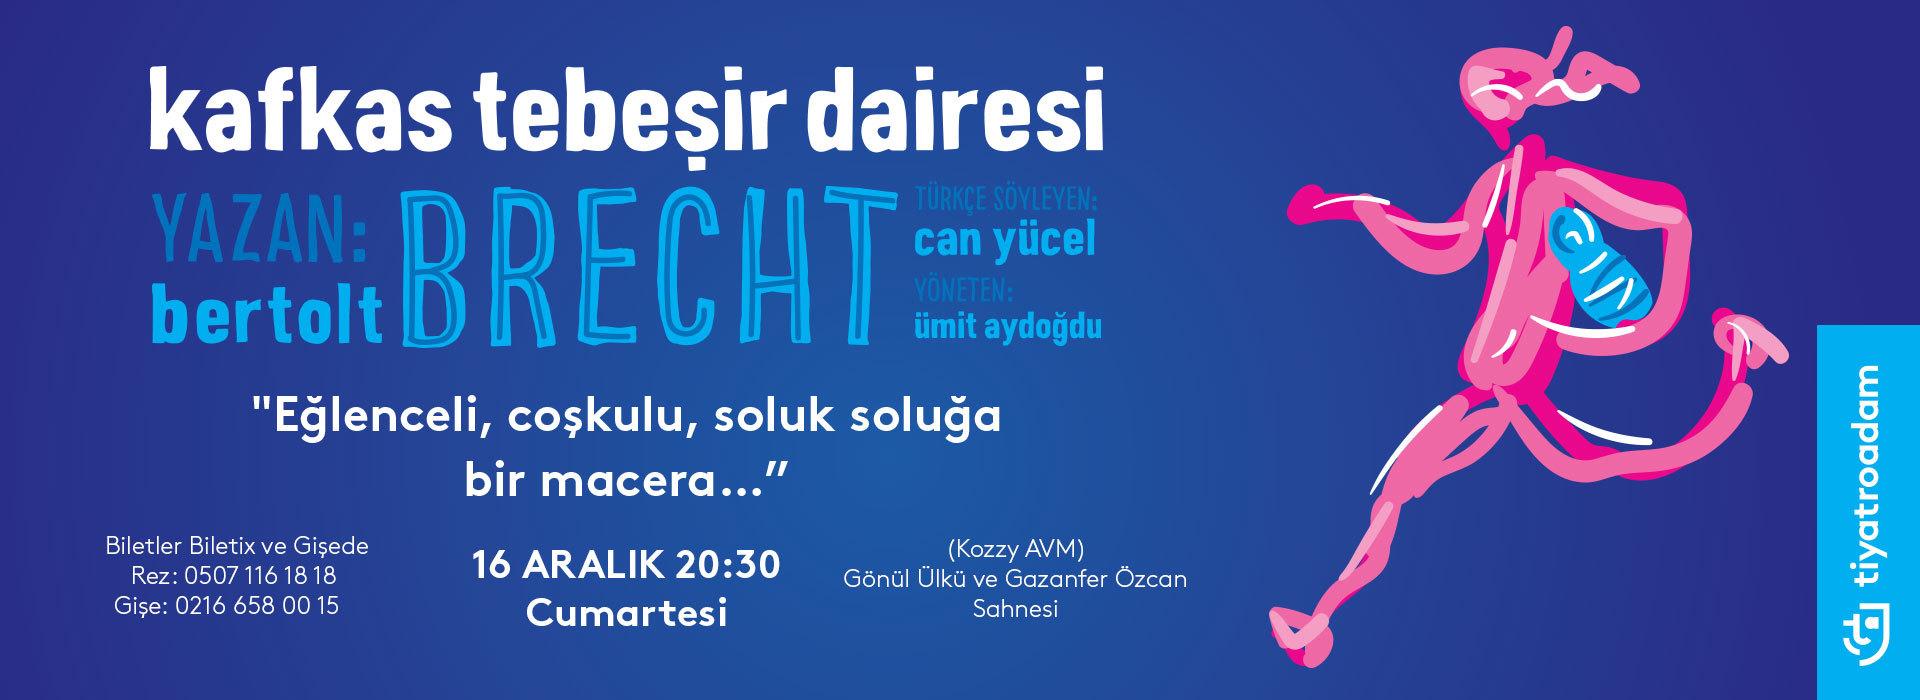 Kafkas Tebeşir Dairesi Kozzy AVM Gönül Ülkü Gazanfer Özcan Sahnesinde   Sizlerle !